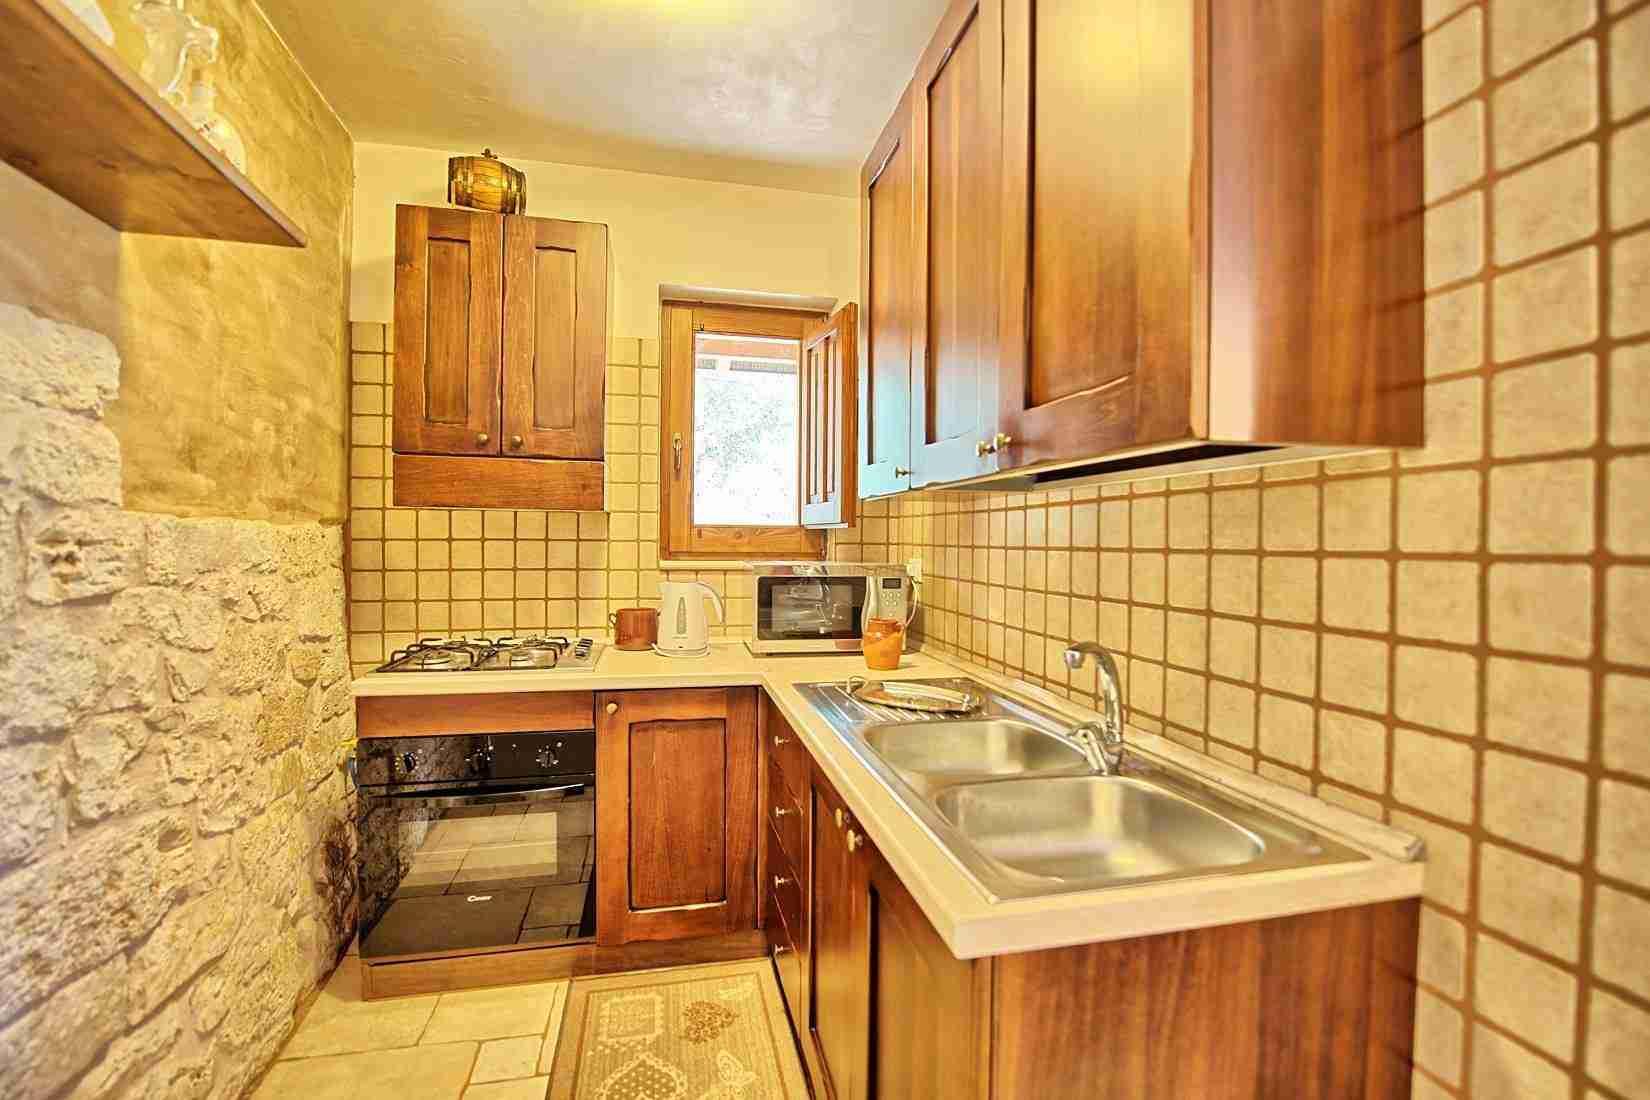 12 Sisin kitchen